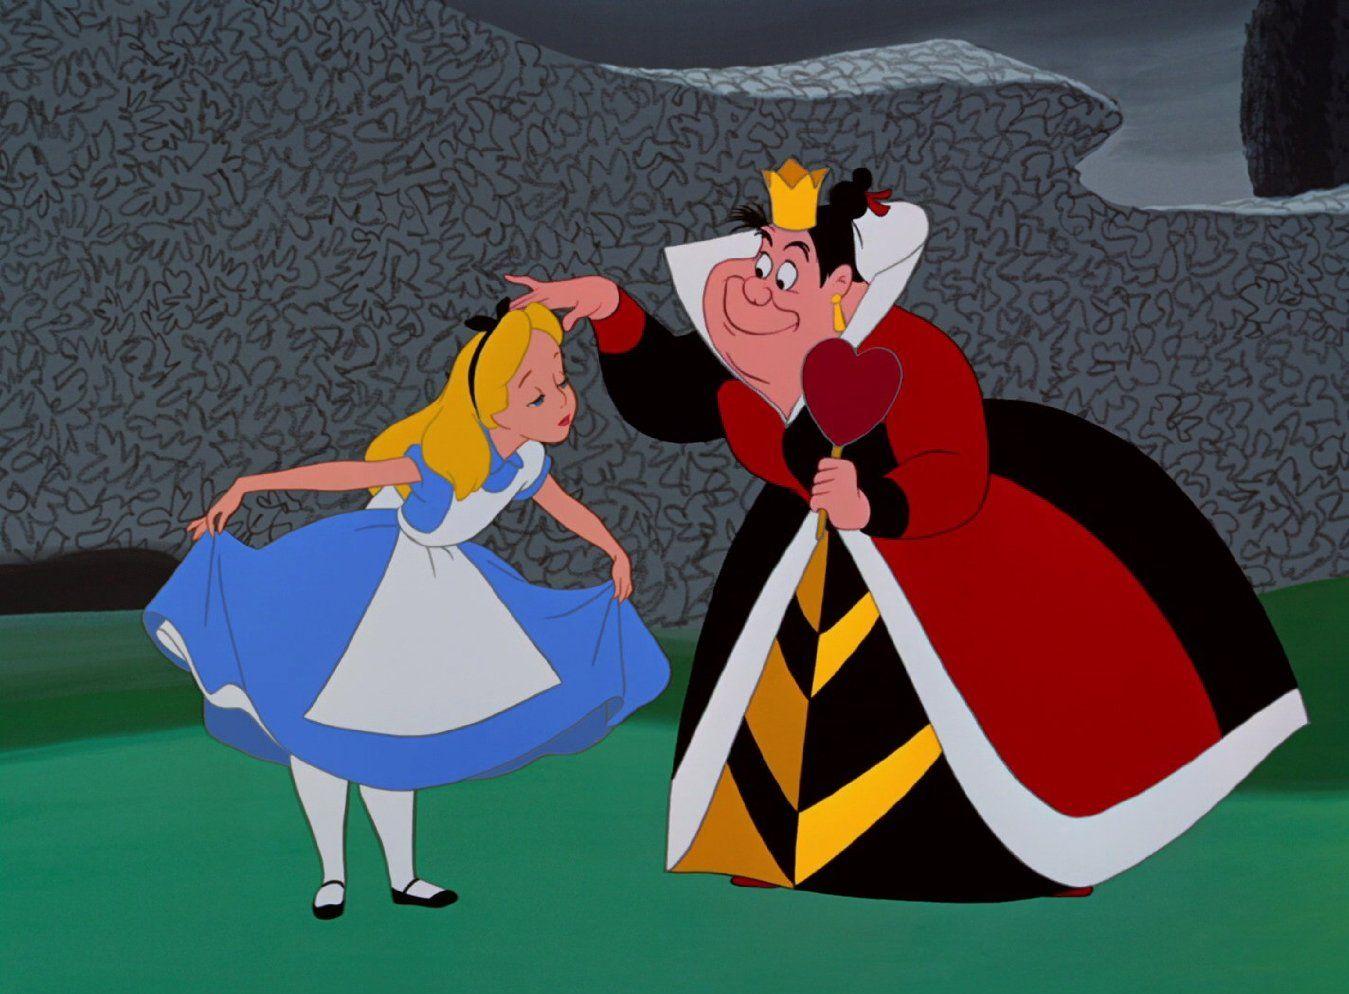 Алиса в стране чудес картинки из мультика королева